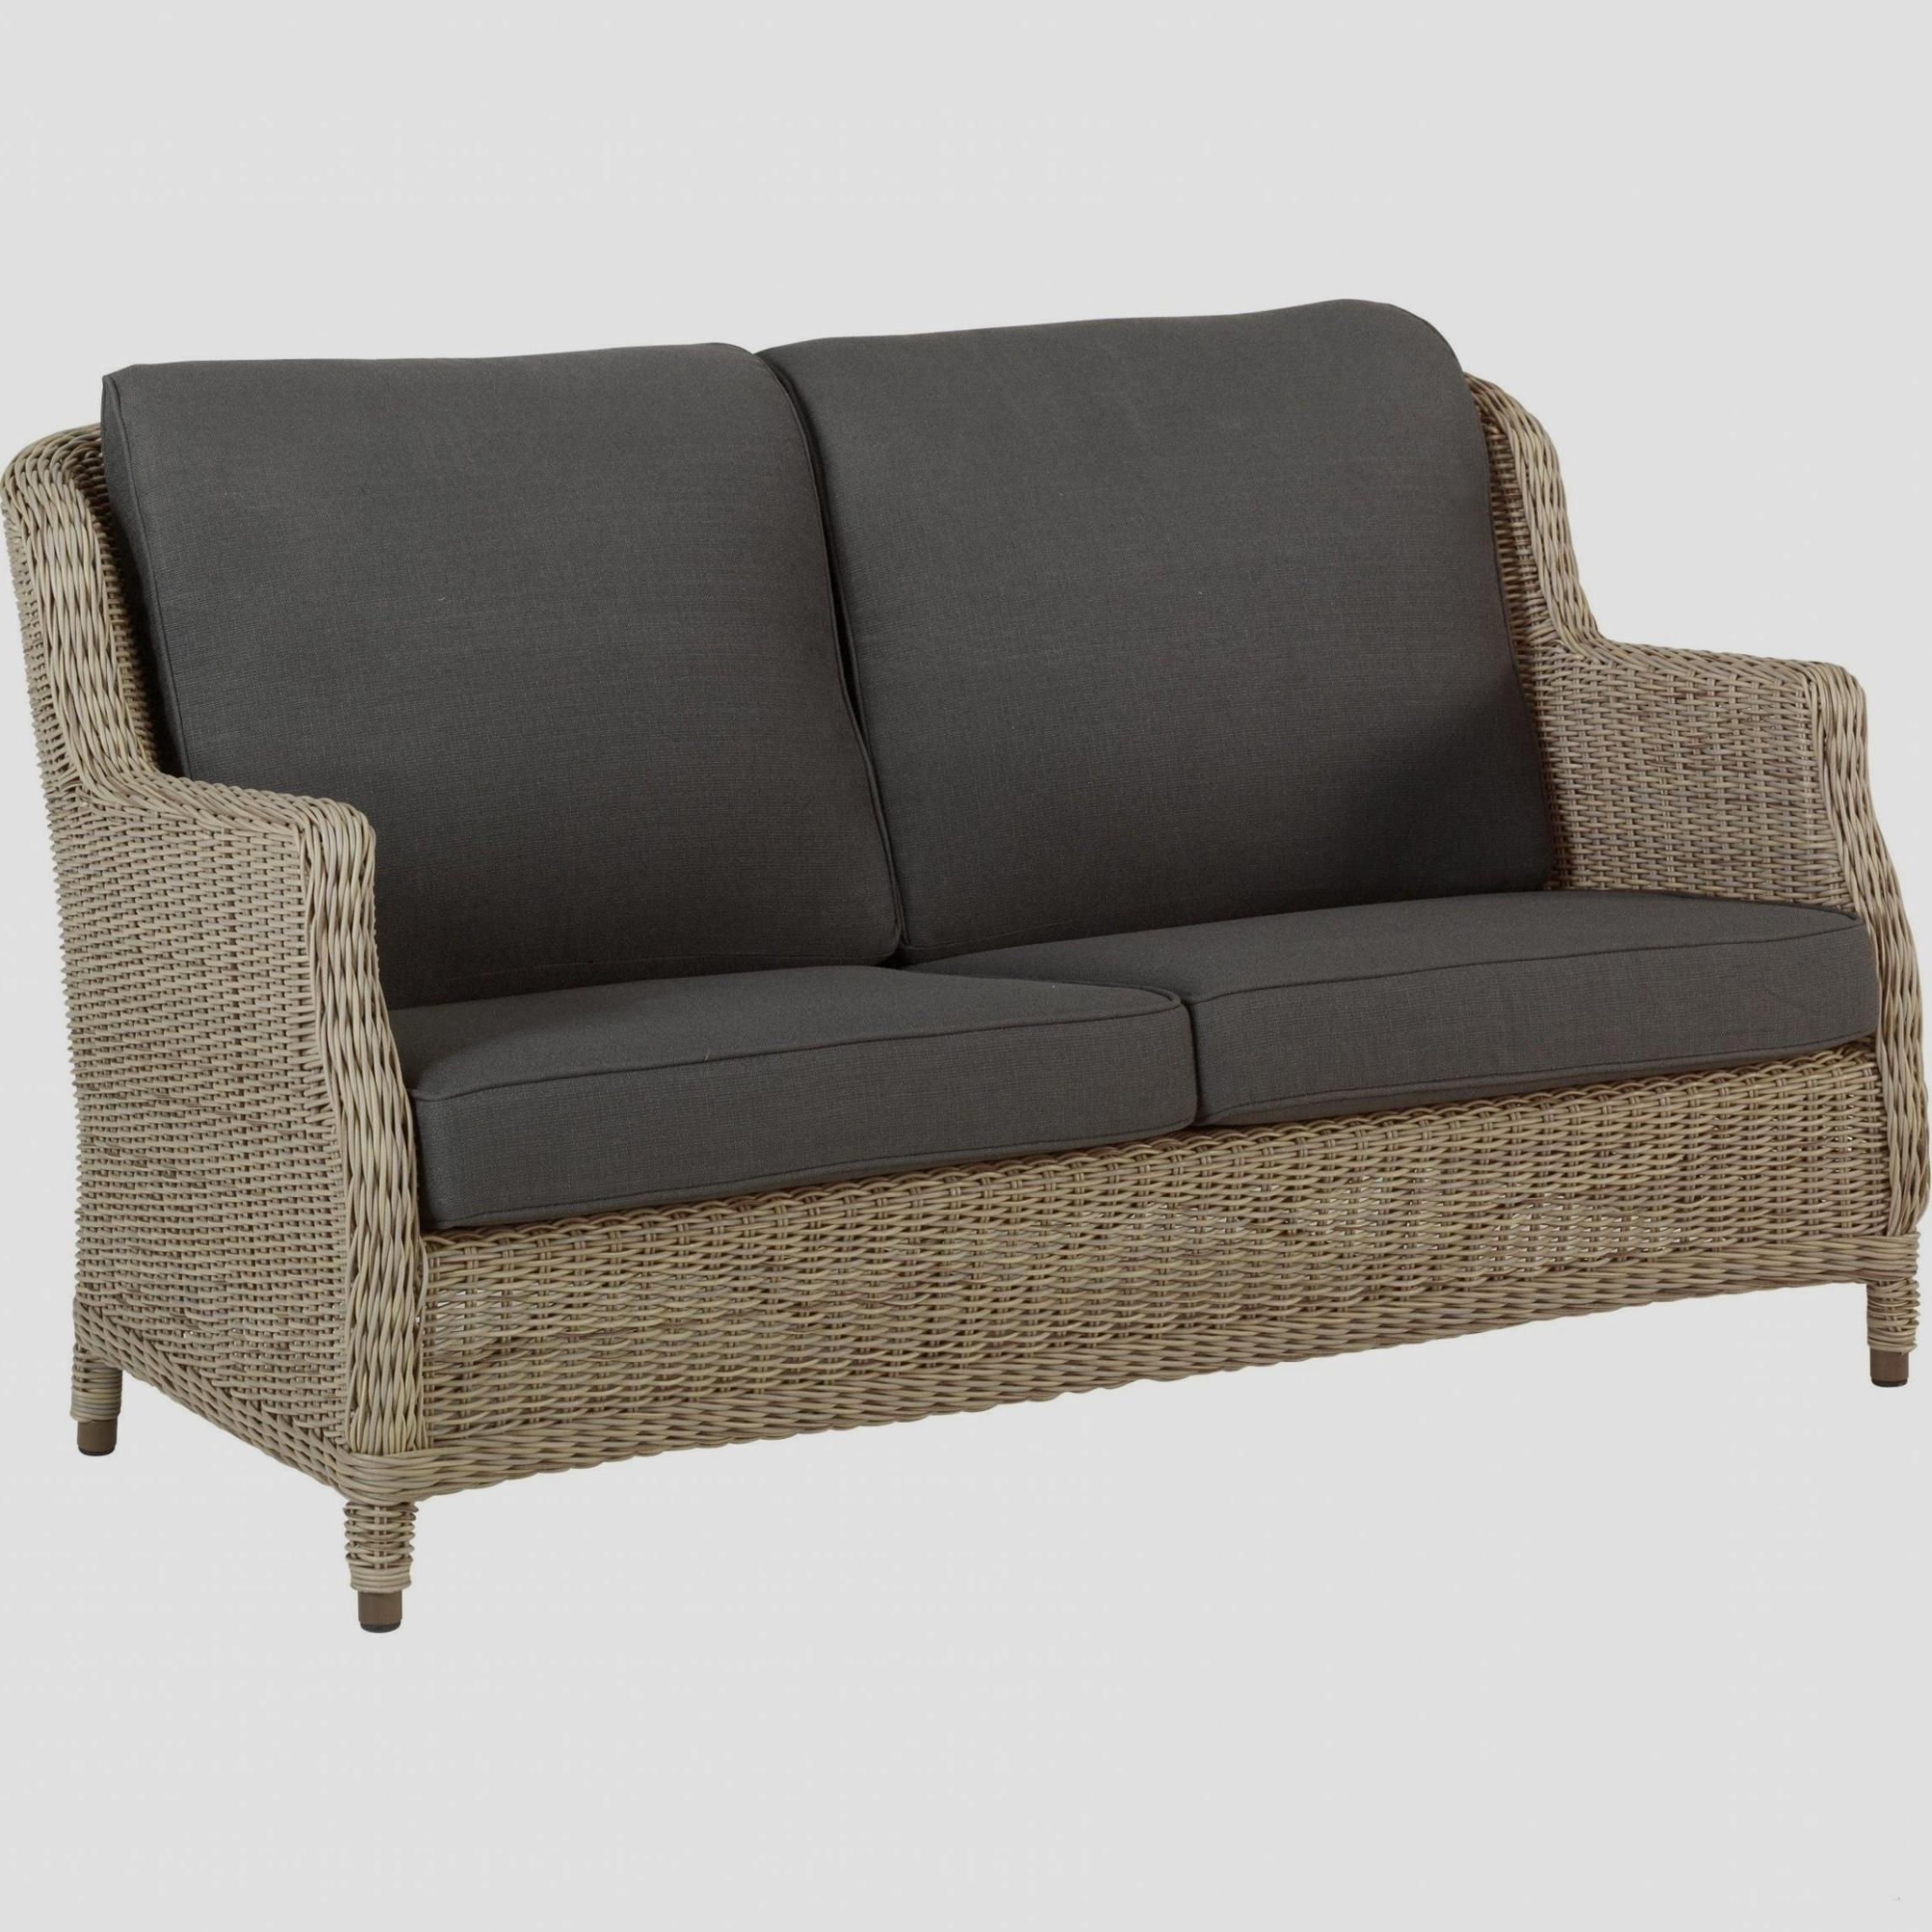 Sofa Relax Ikea Q0d4 sofa Relax Ikea Busco Sillas